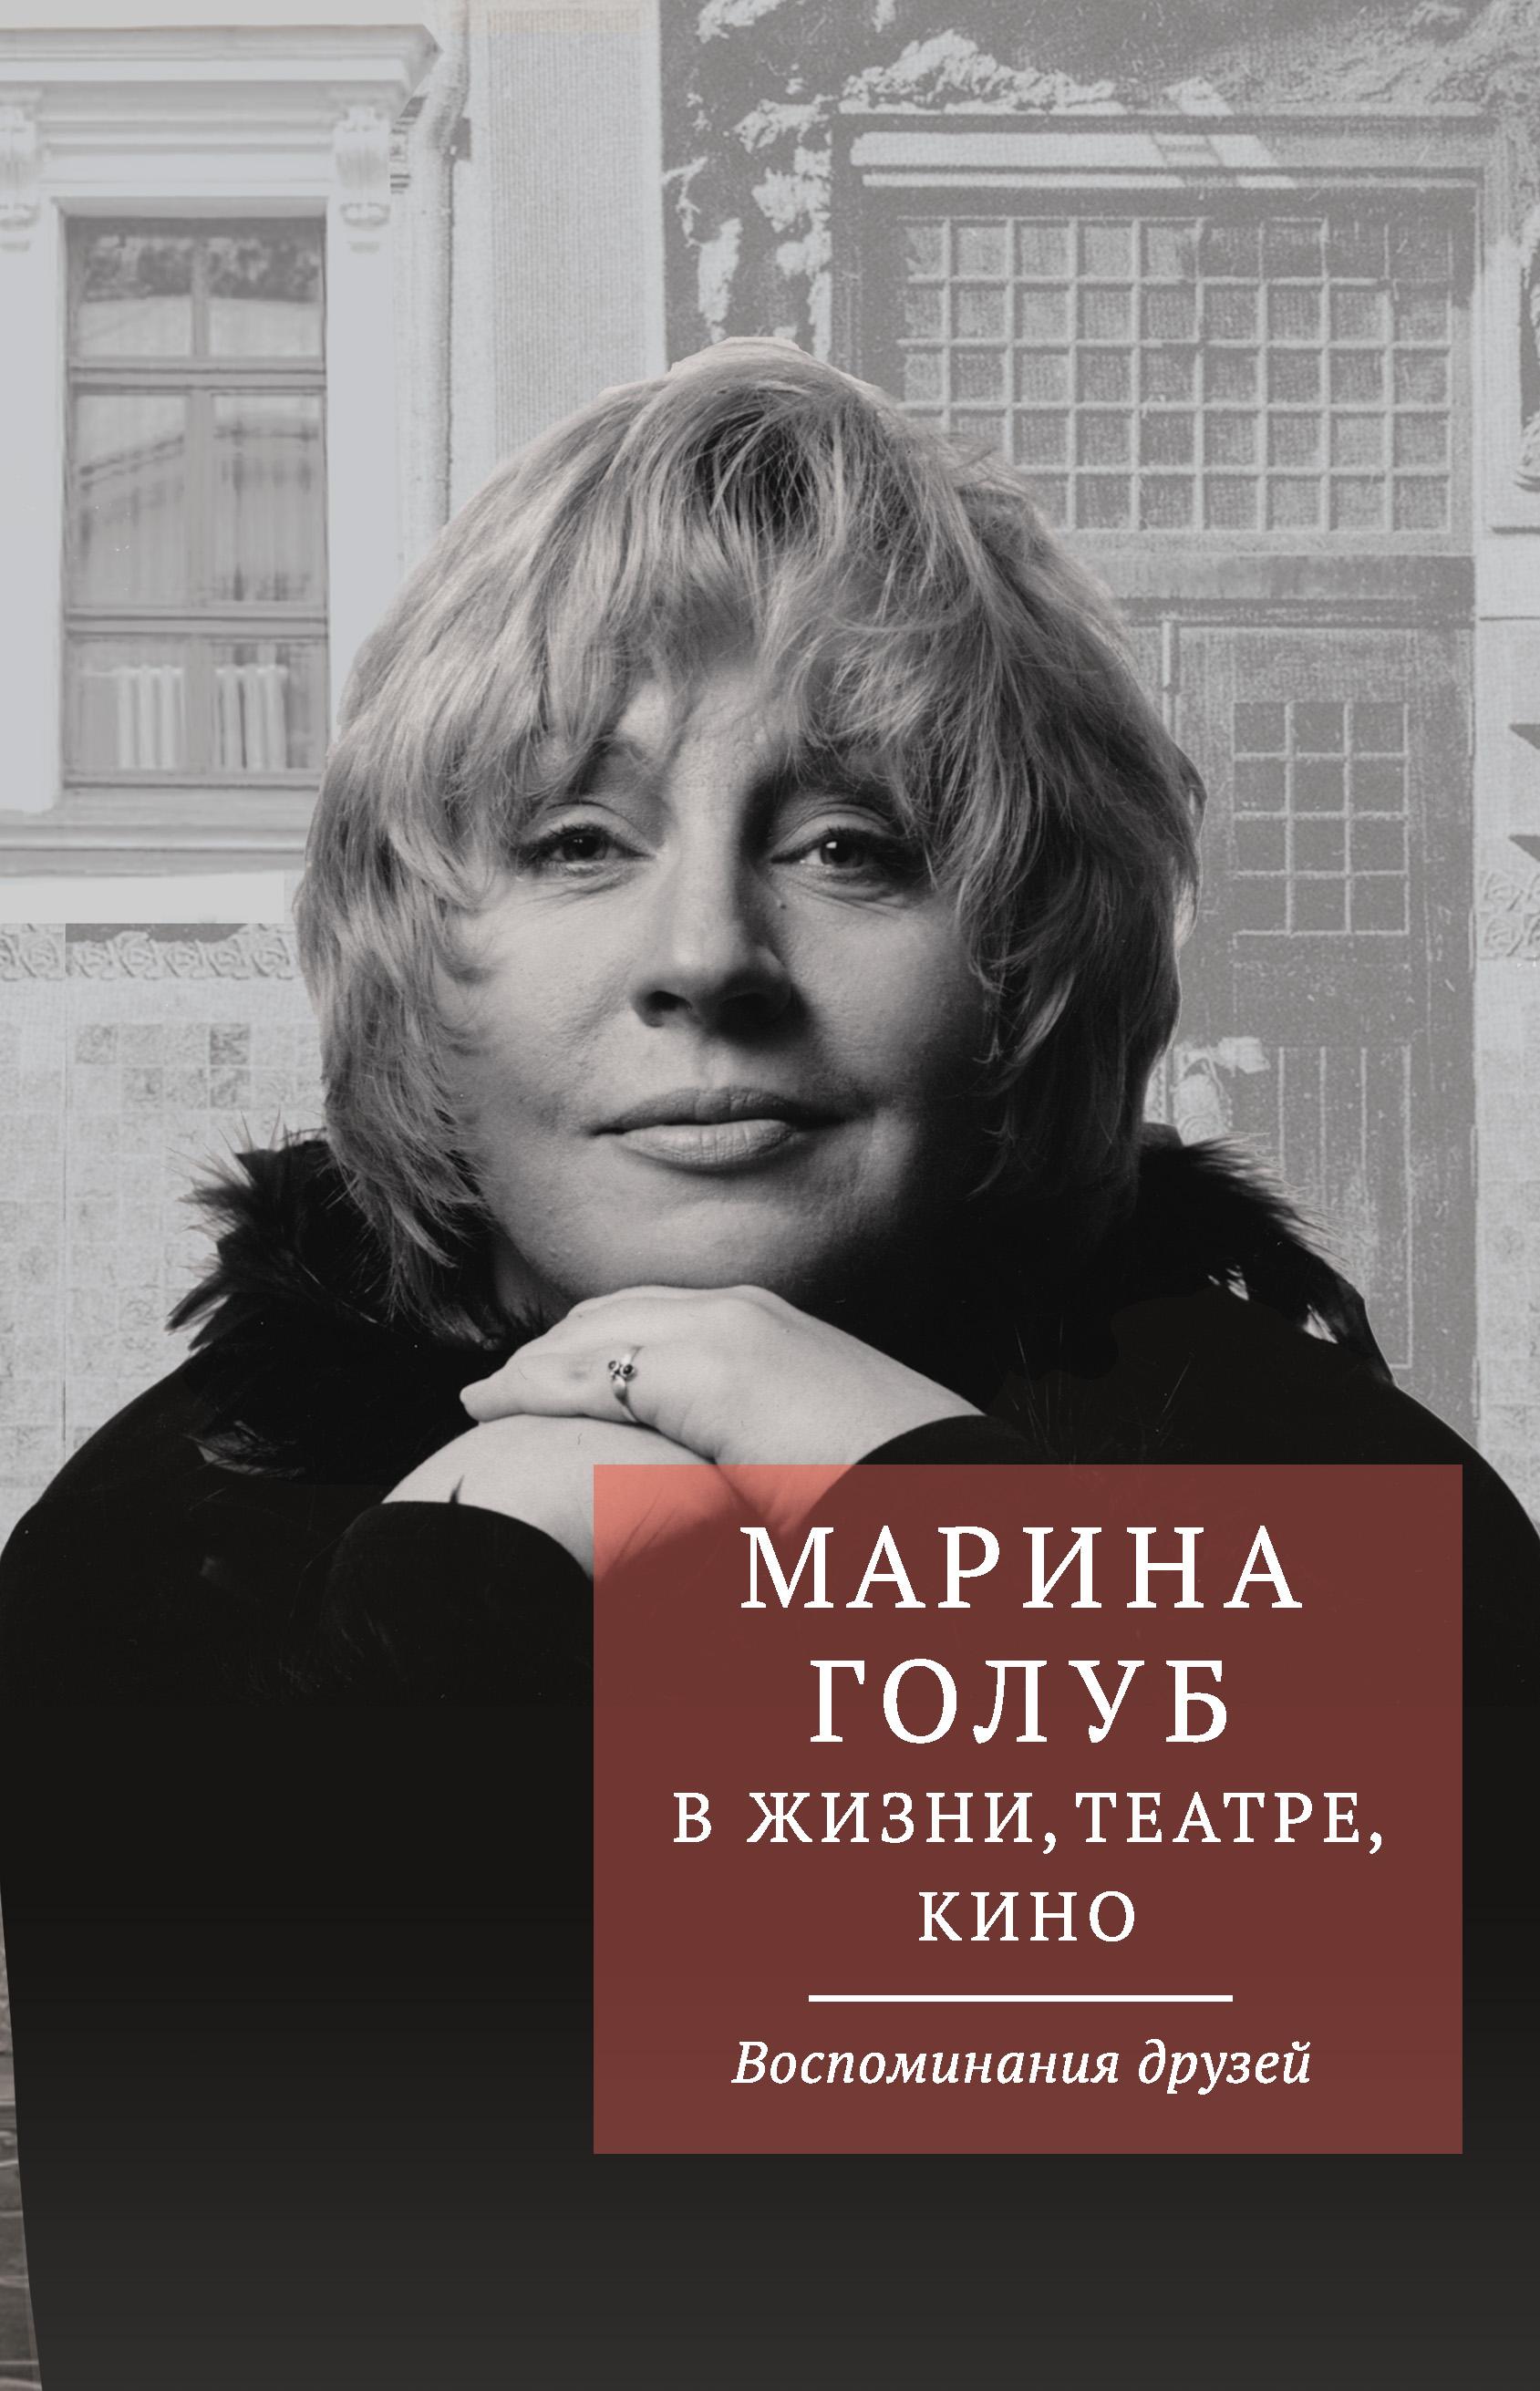 Отсутствует Марина Голуб в жизни, театре, кино. Воспоминания друзей